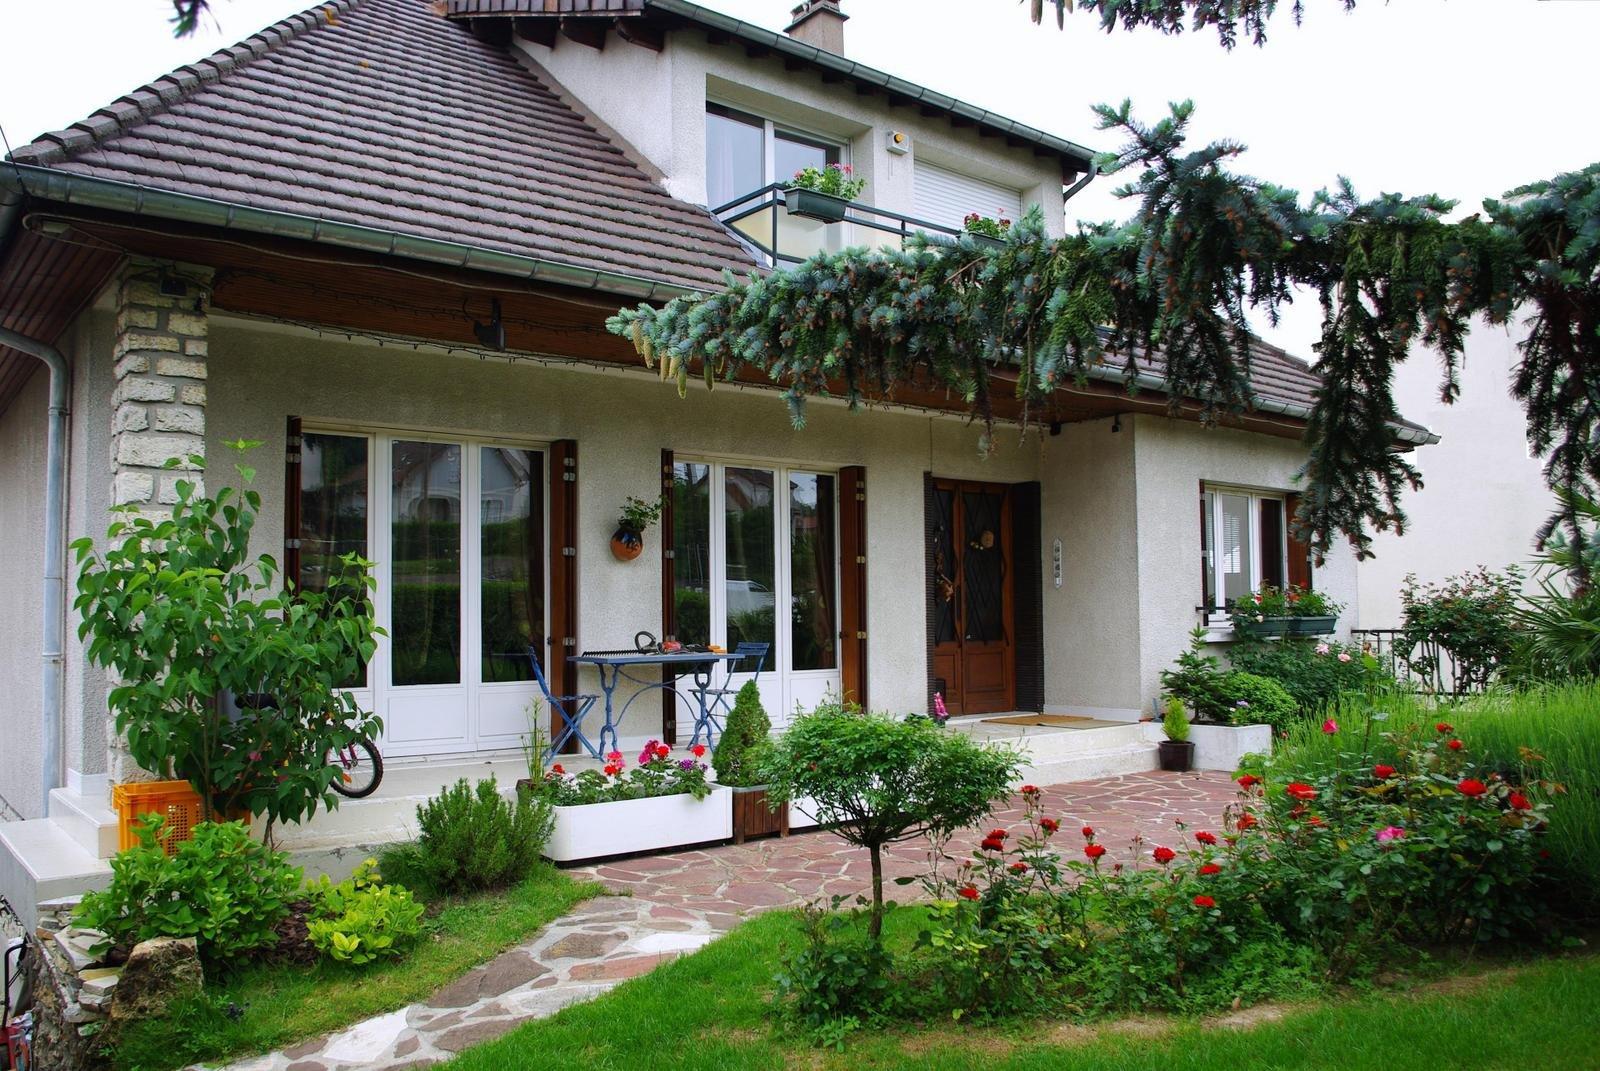 Maison Unique 235 m², 7 Pièces 4 Chambres,  91290 ARPAJON